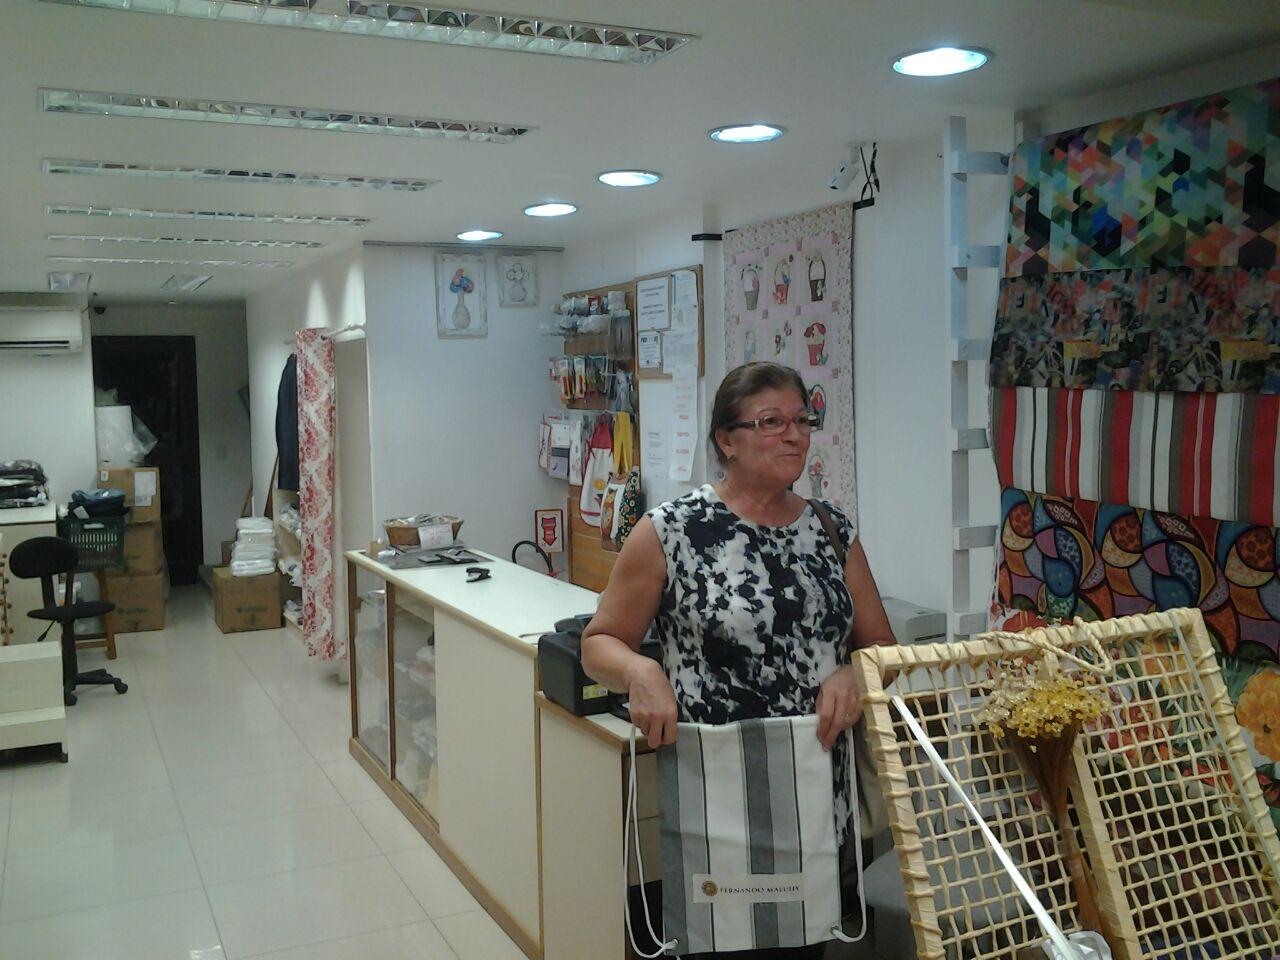 Margarida Exibindo Adesivo Maluhy - Casa Criativa do Recreio